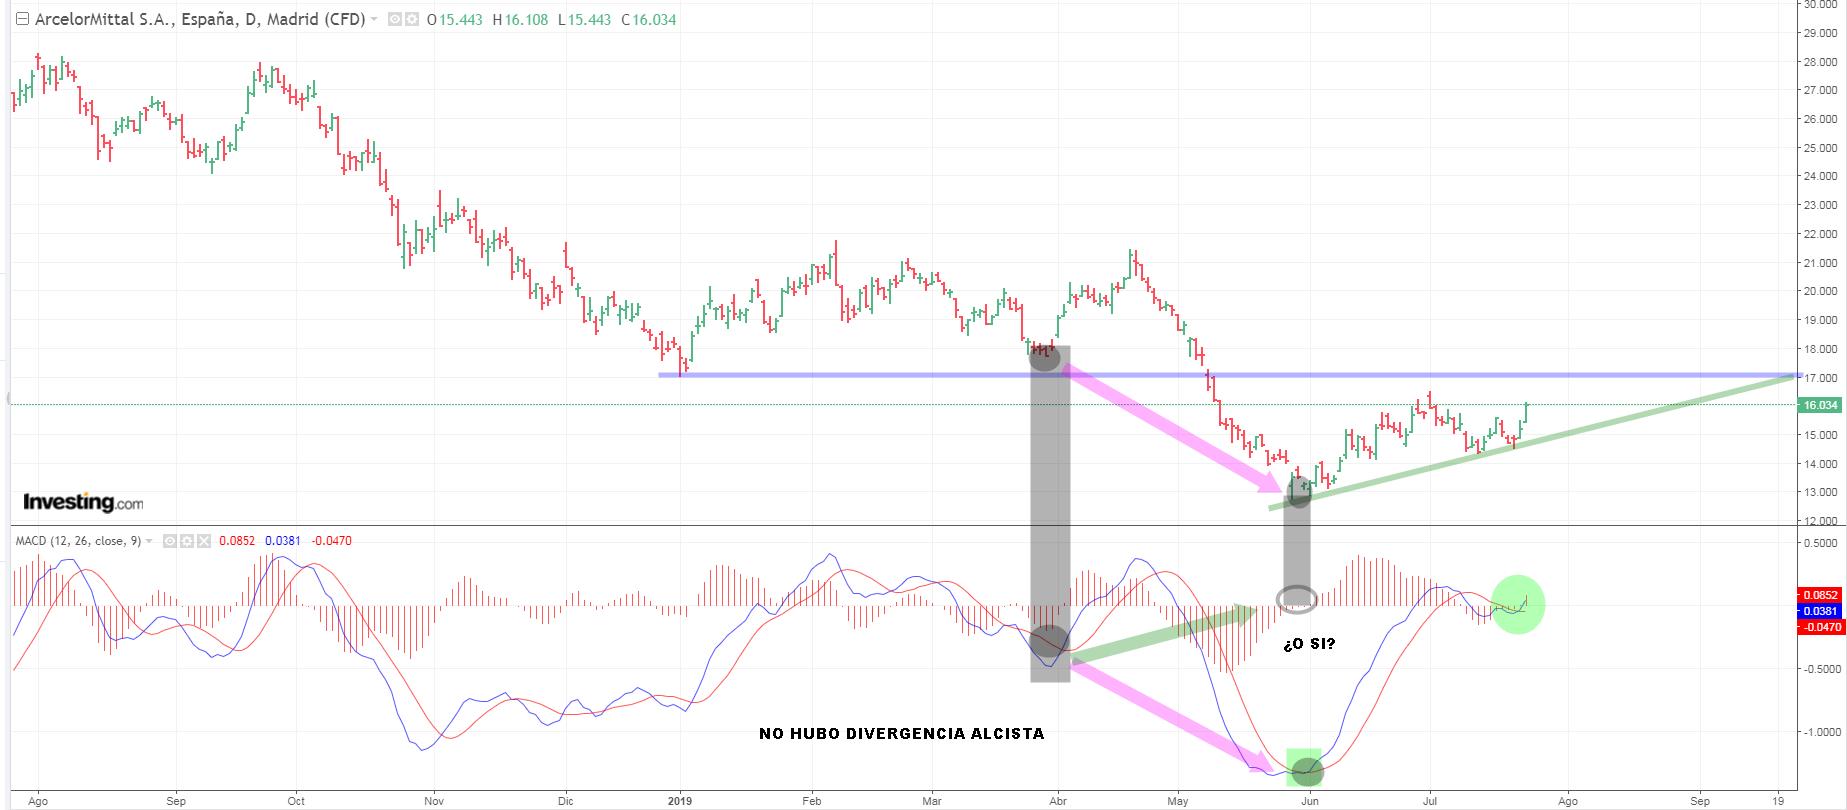 Arcelor el valor estrella de hoy en el Ibex